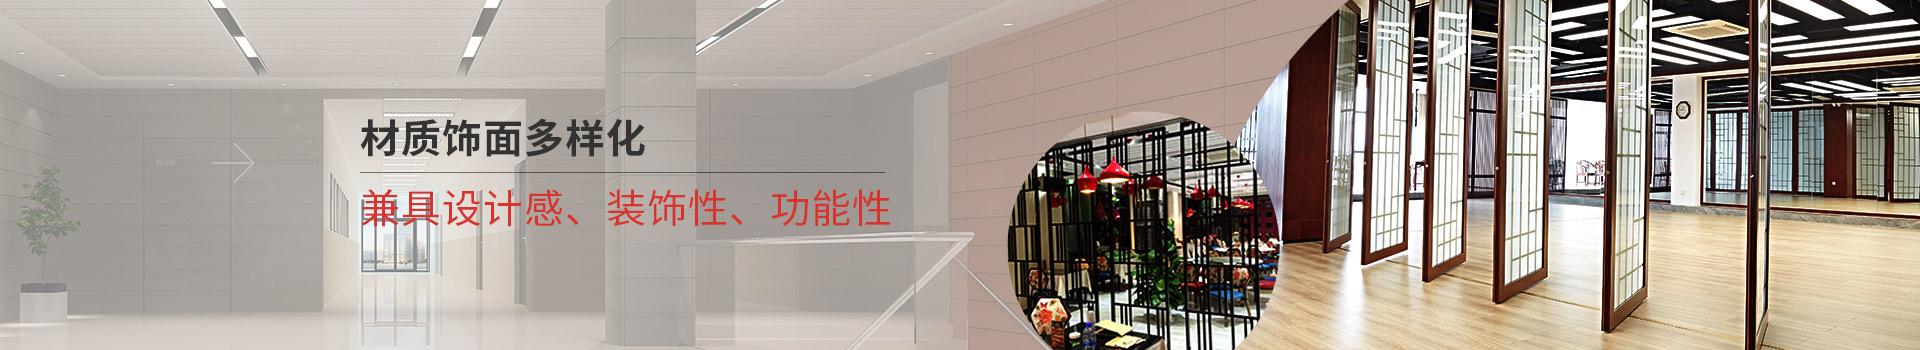 移动隔断 材质饰面多样化 兼具设计感、装饰性、功能性